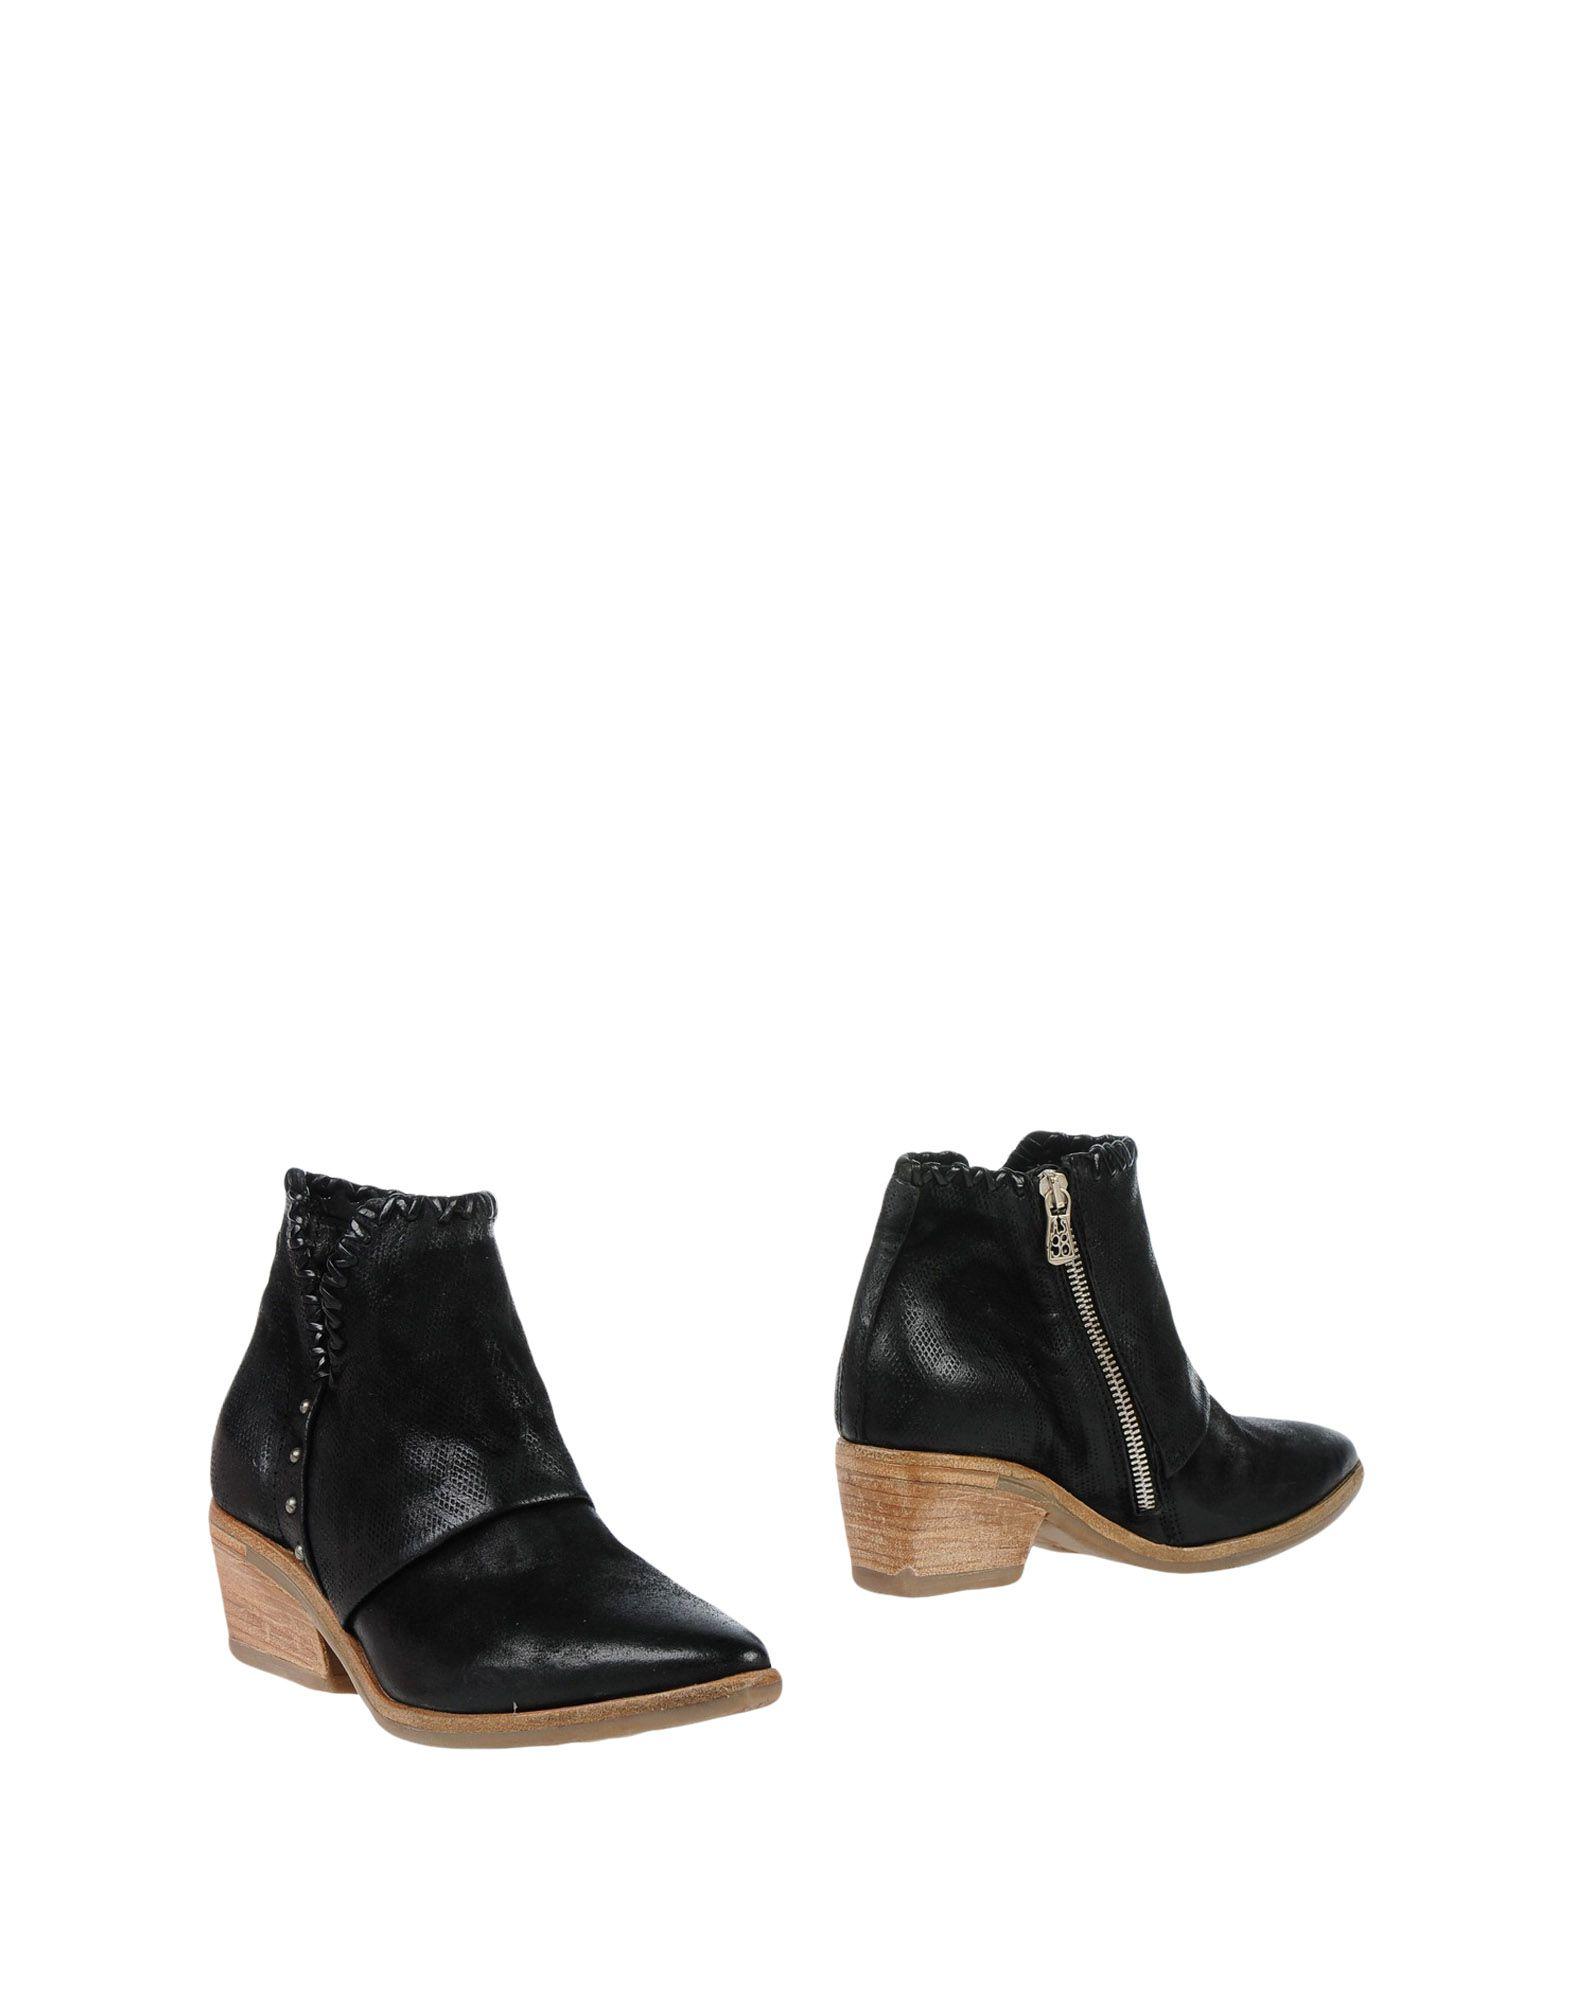 A.S. 98 Stiefelette Damen  11399809IO Gute Qualität beliebte Schuhe